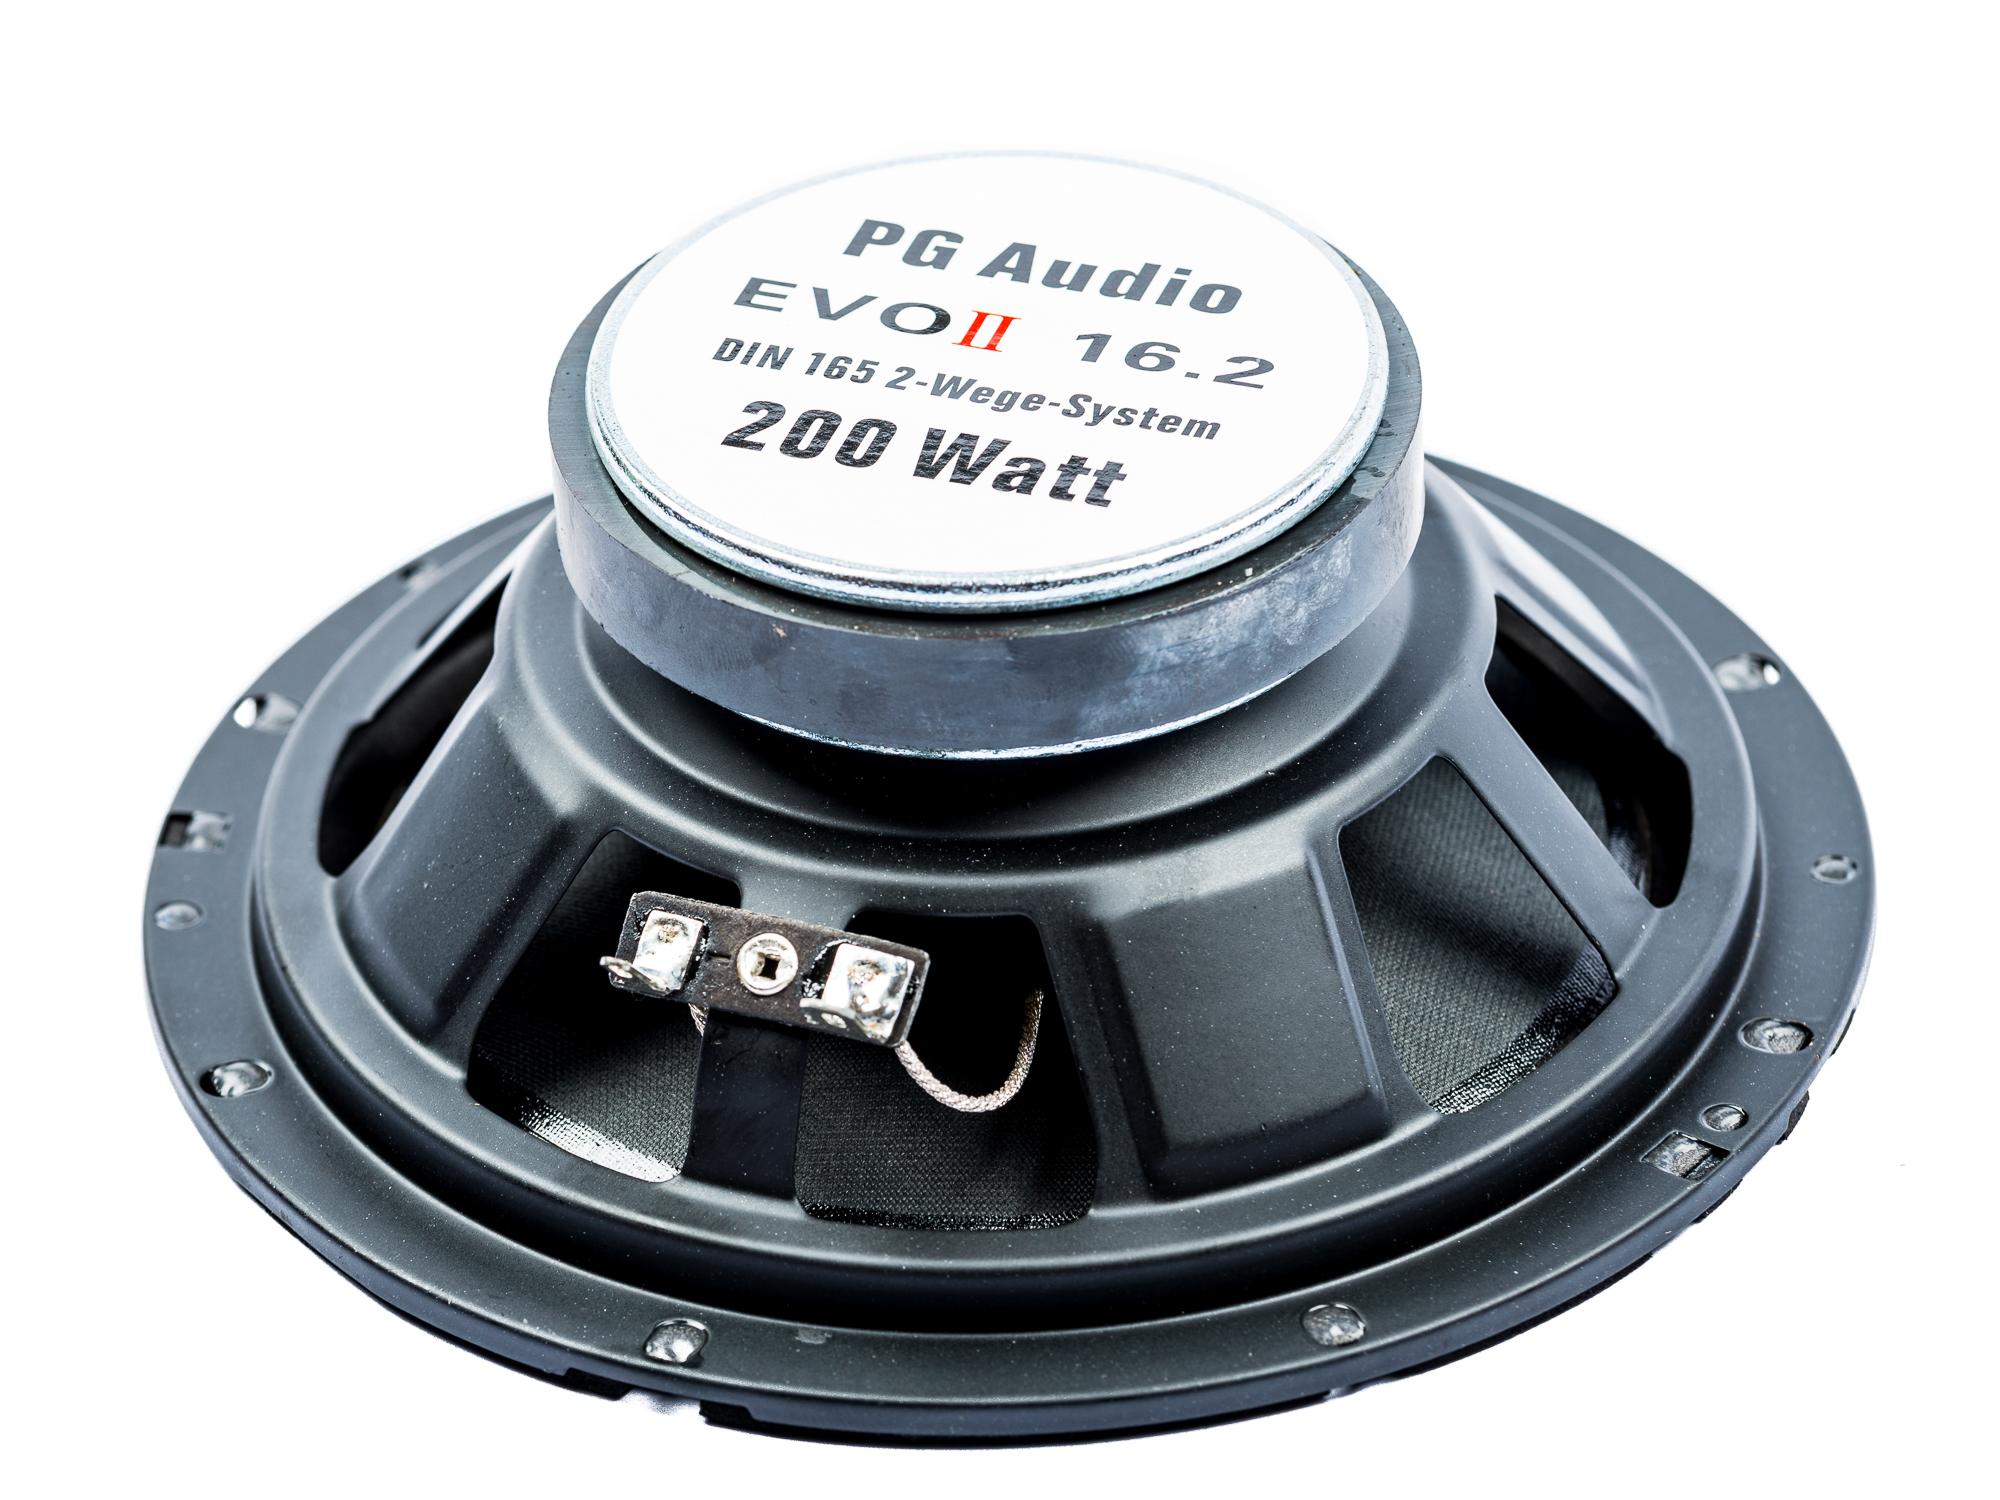 VW Golf 5 Skoda Yeti Lautsprecher Einbauset Tür vorne und hinten PG Audio – Bild 3